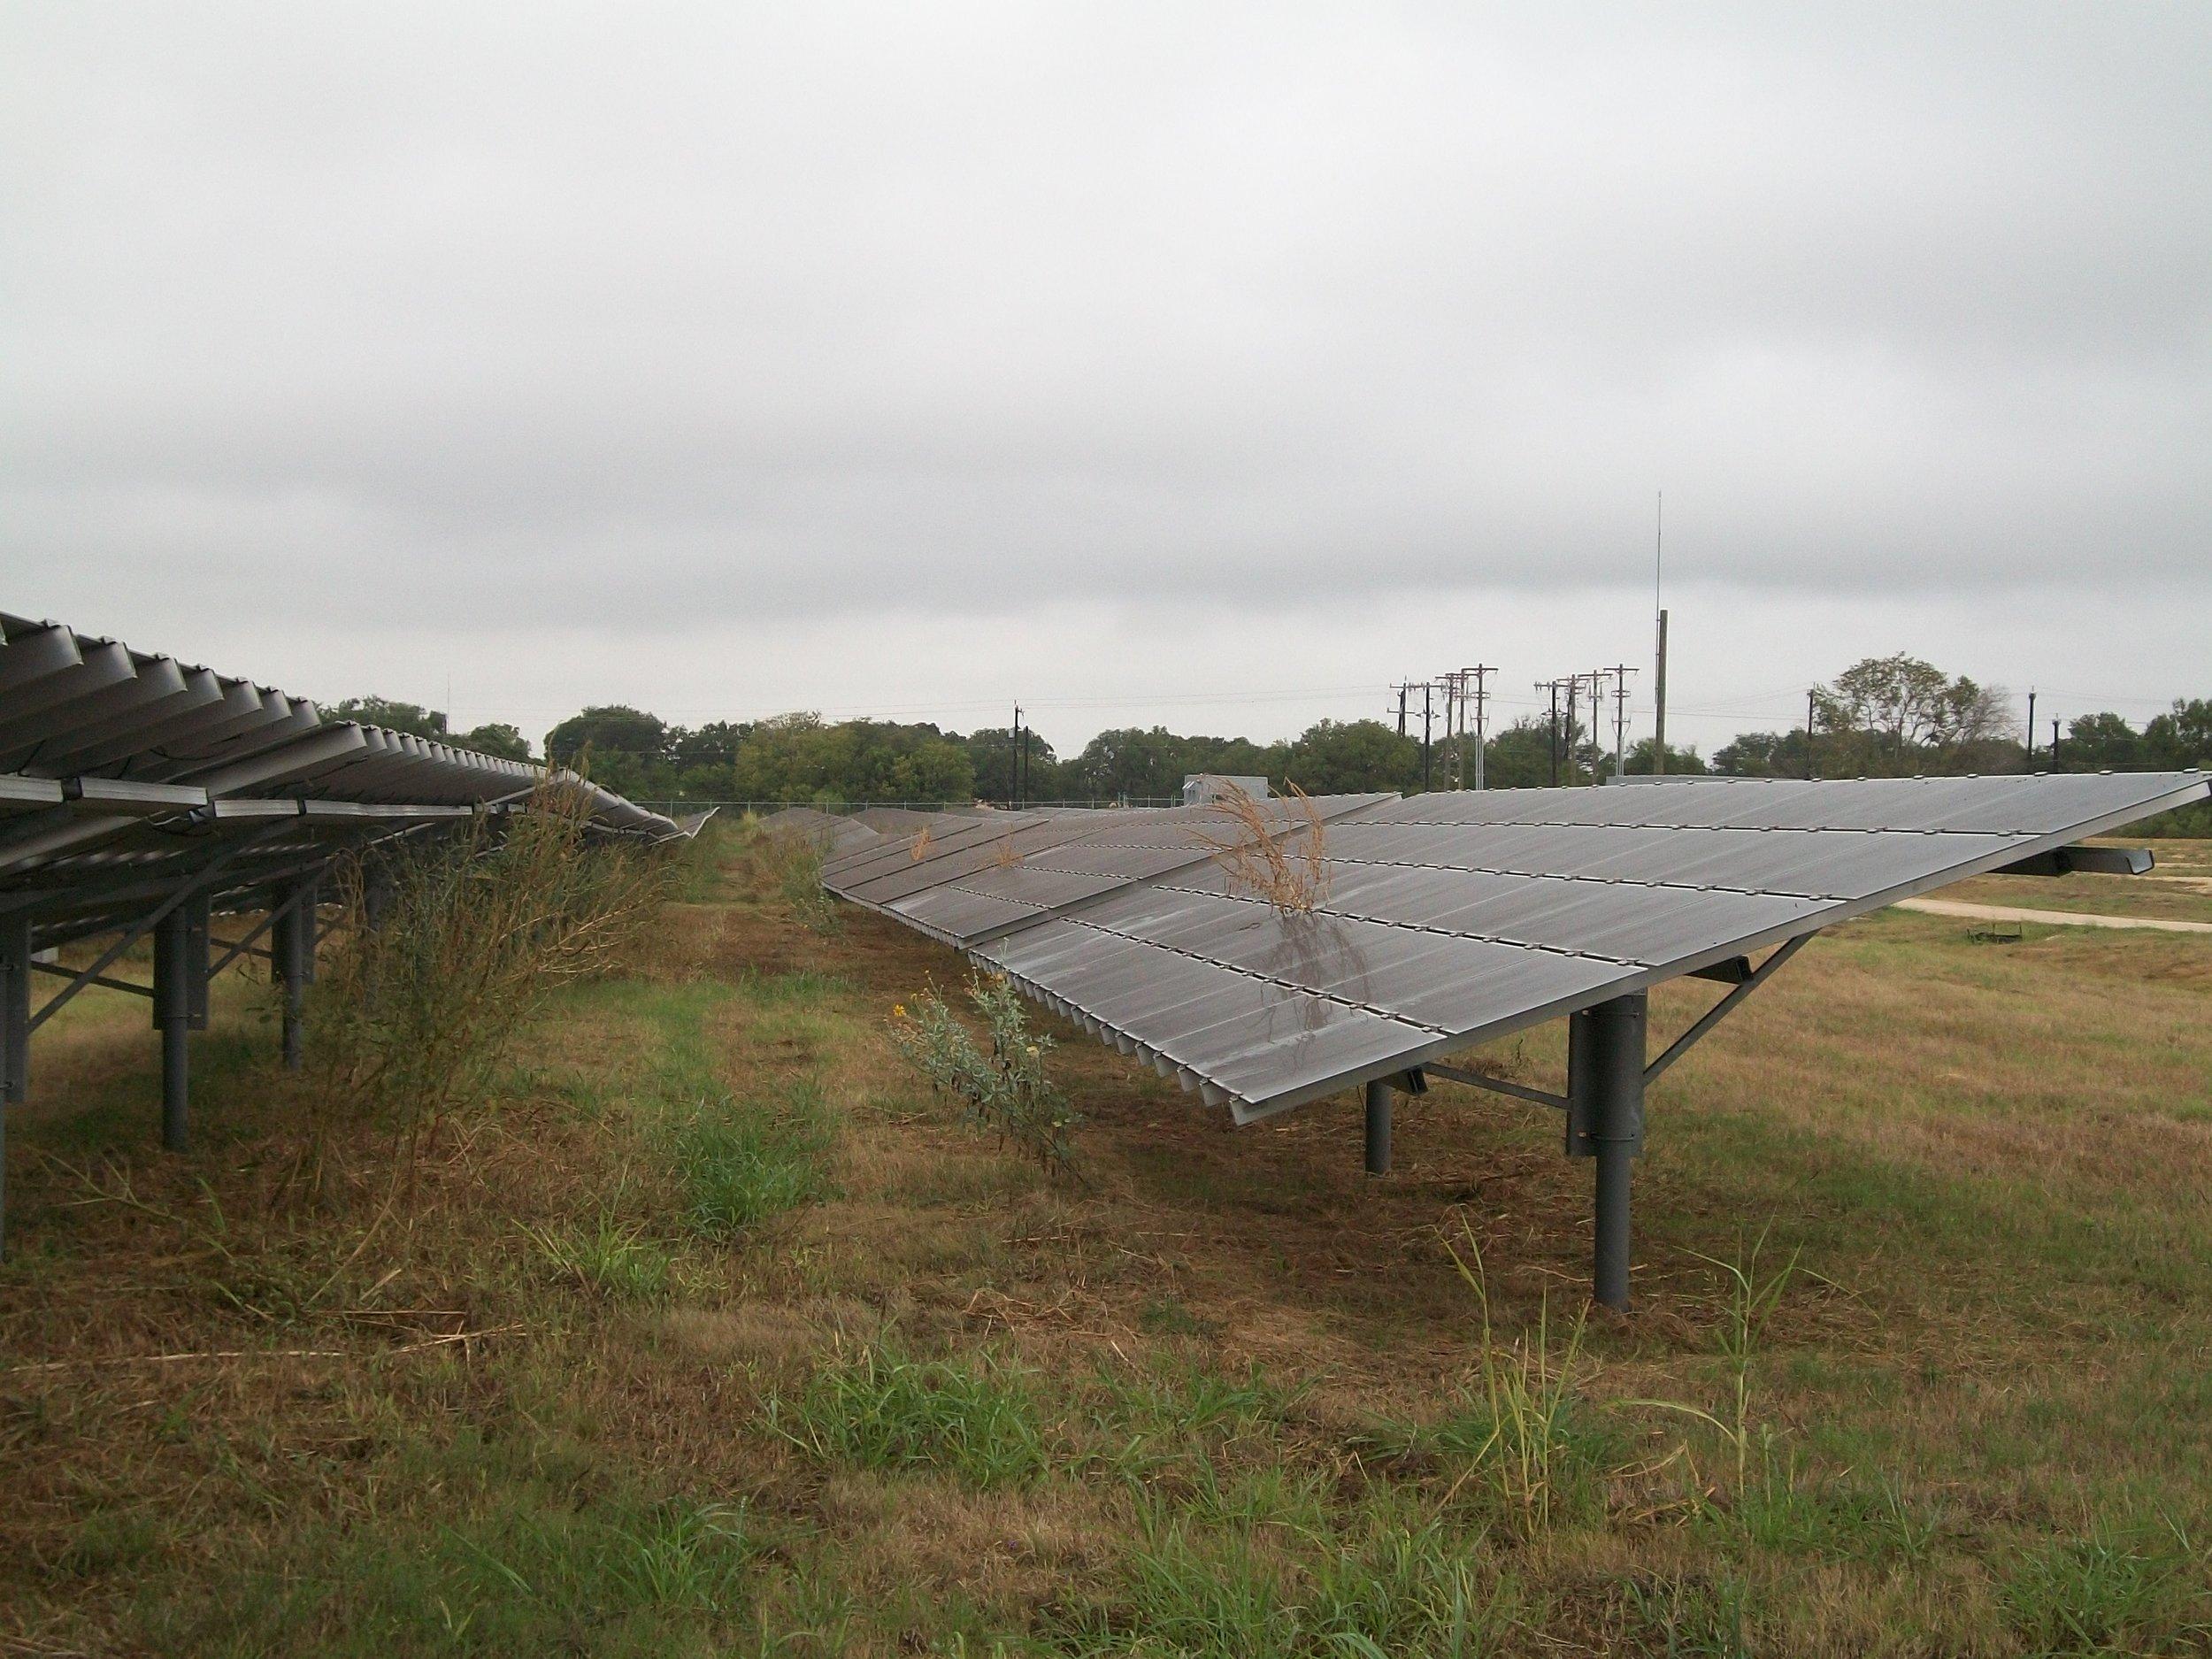 east_nc_solar3.jpg